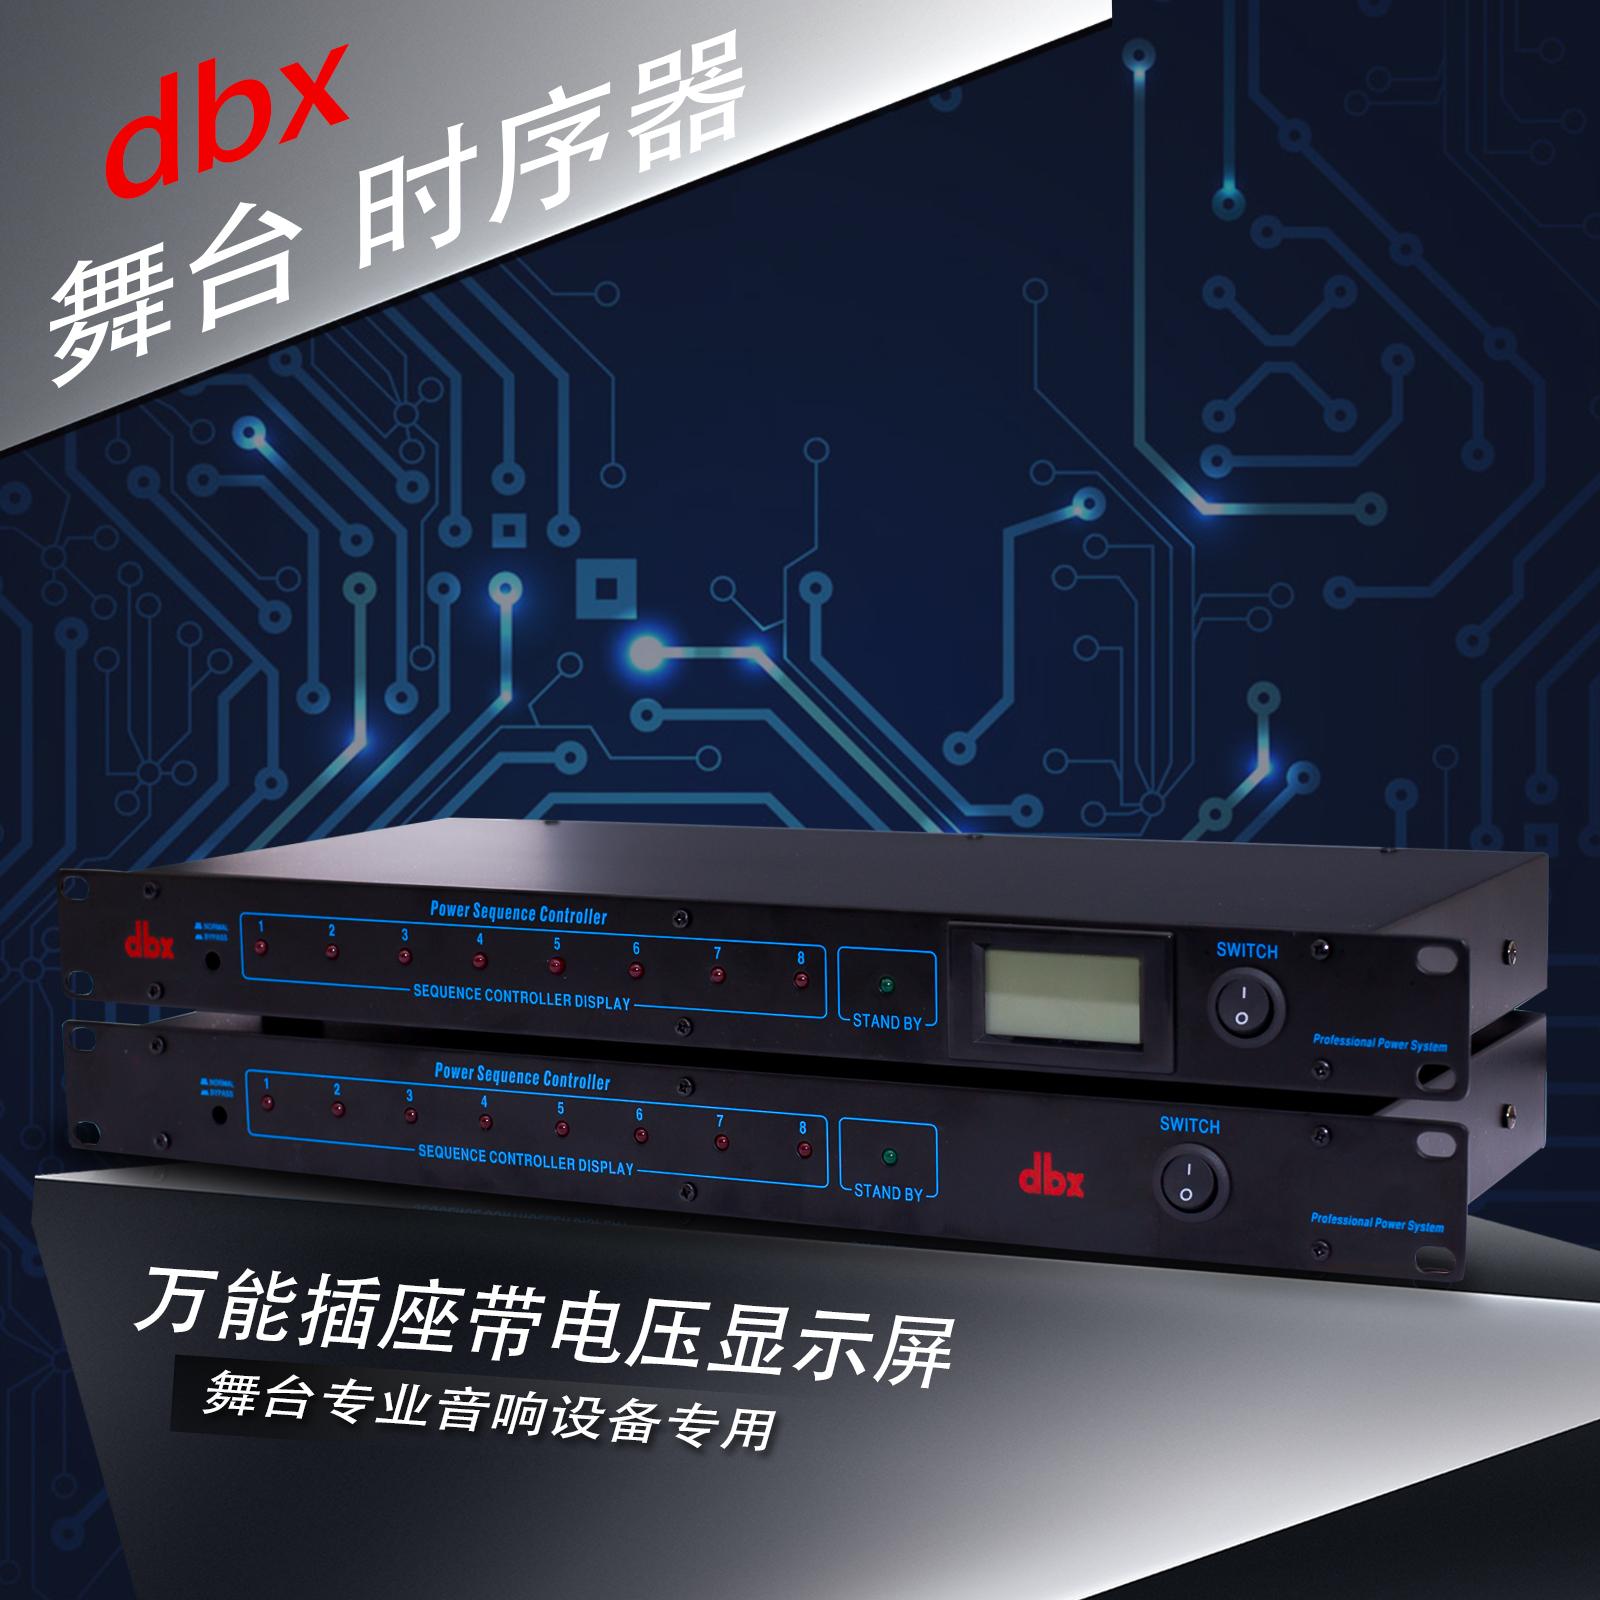 DBX время последовательность устройство /8 дорога /SR-328V/ источник питания порядок устройства напряжение шоу универсальный